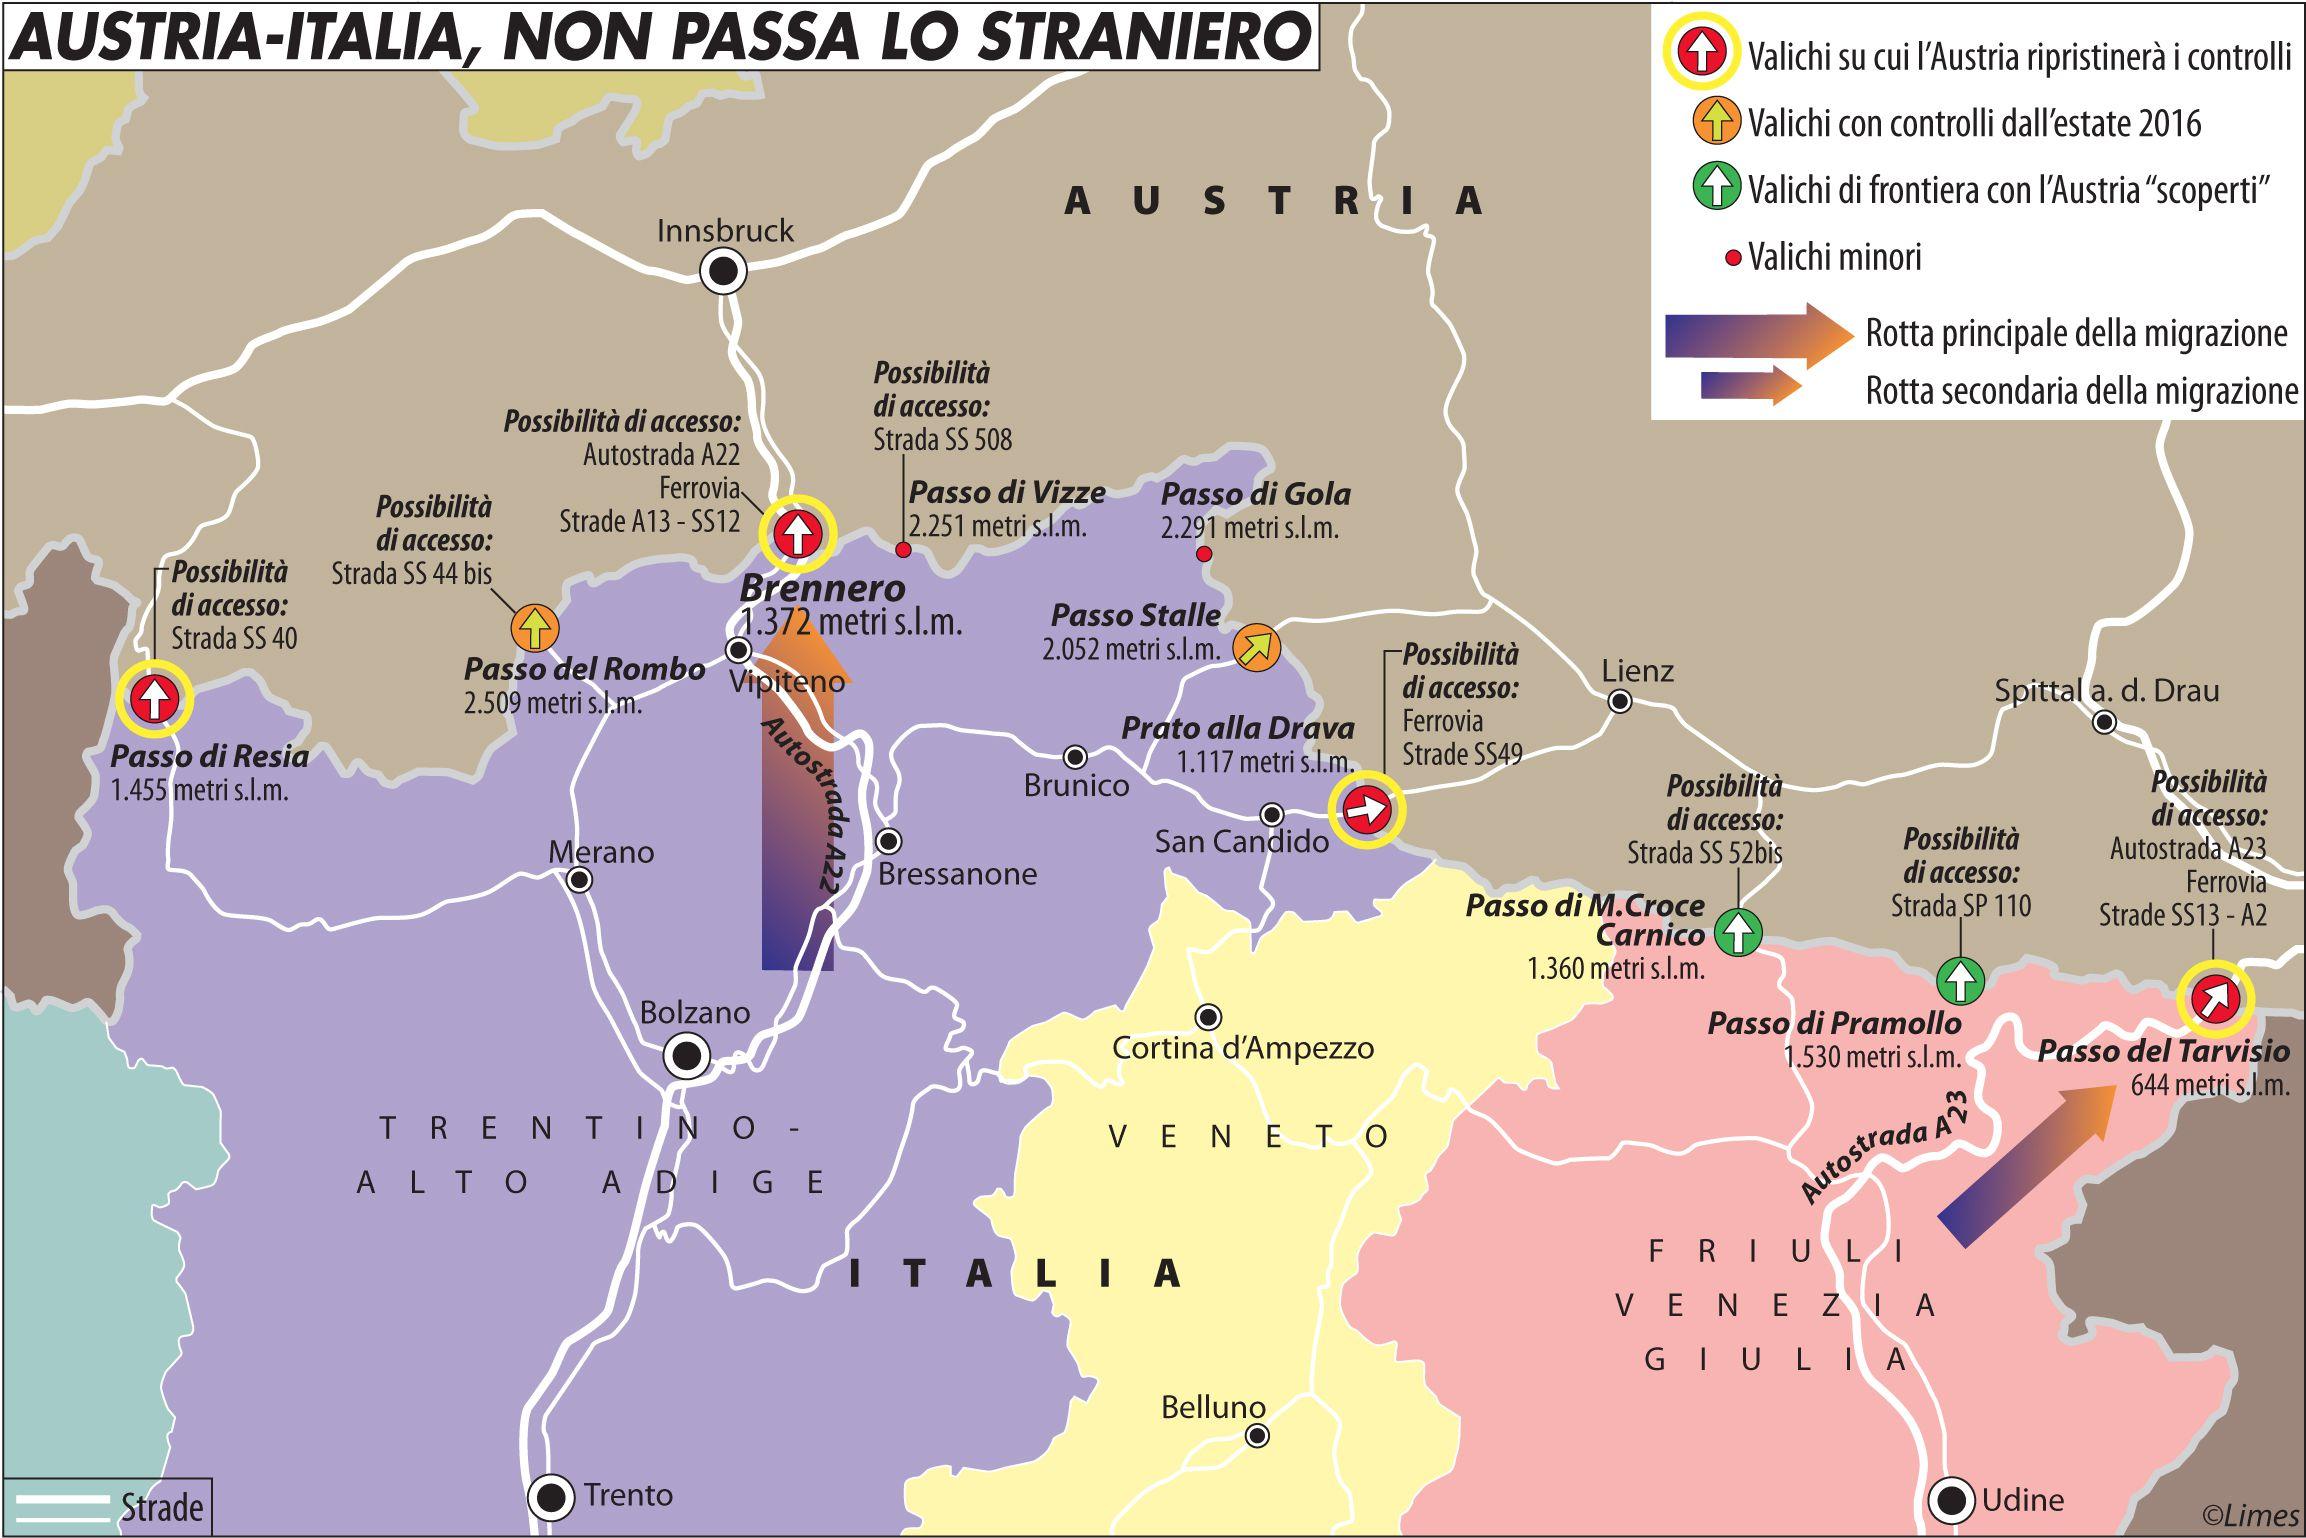 Austria-Italia, non passa lo straniero